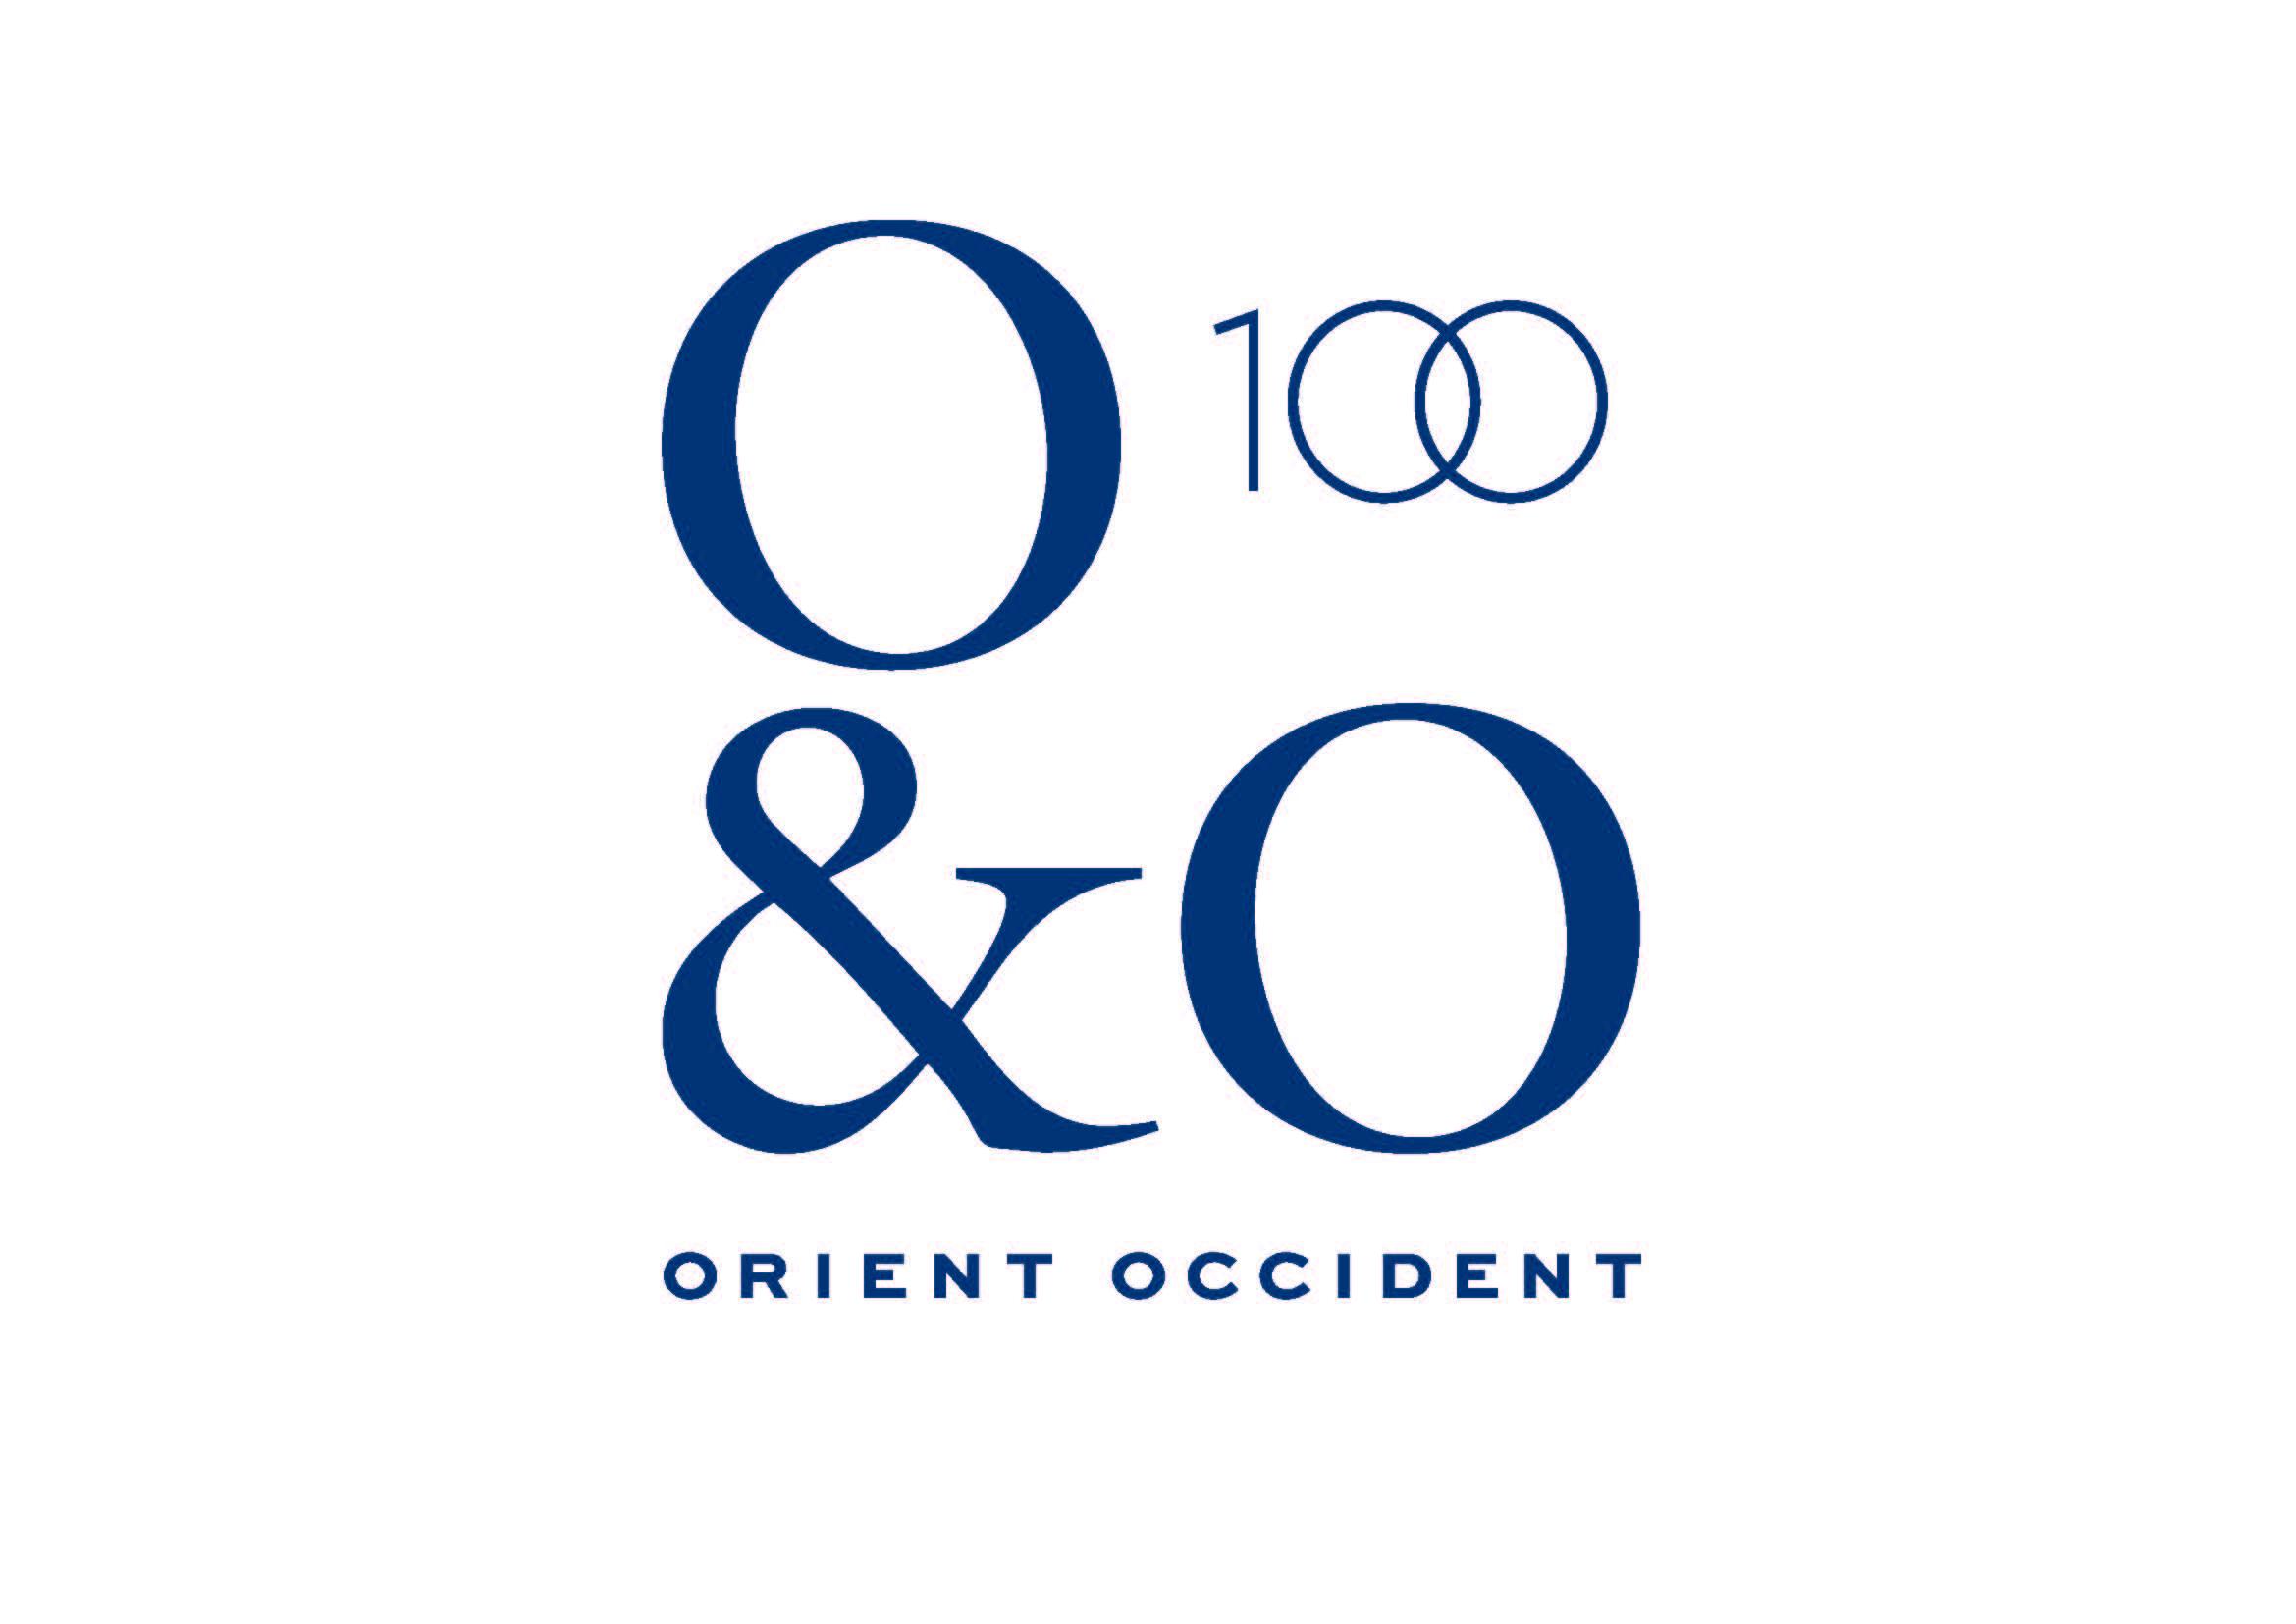 O&O_logo_100th_CMYK_blue_new.jpg